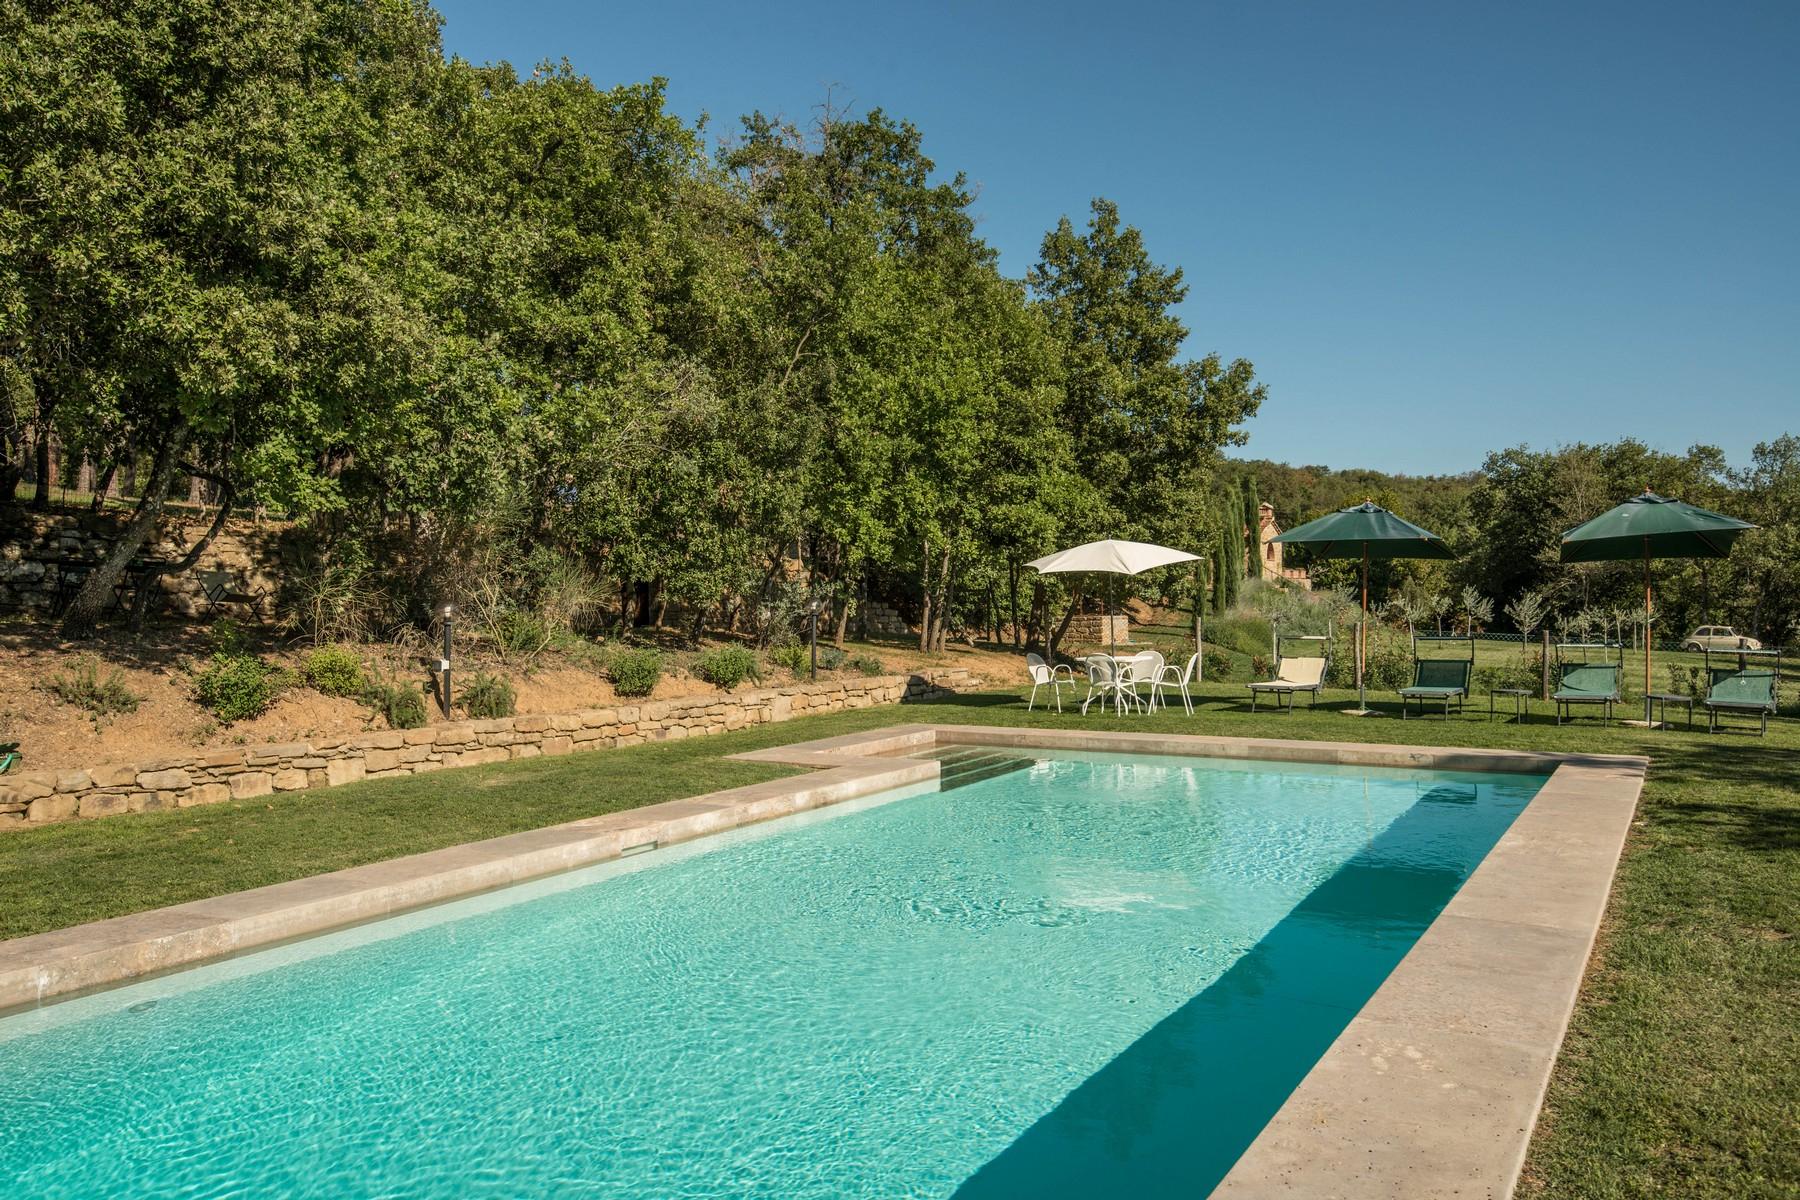 Villa in Vendita a Monte San Savino: 5 locali, 340 mq - Foto 3